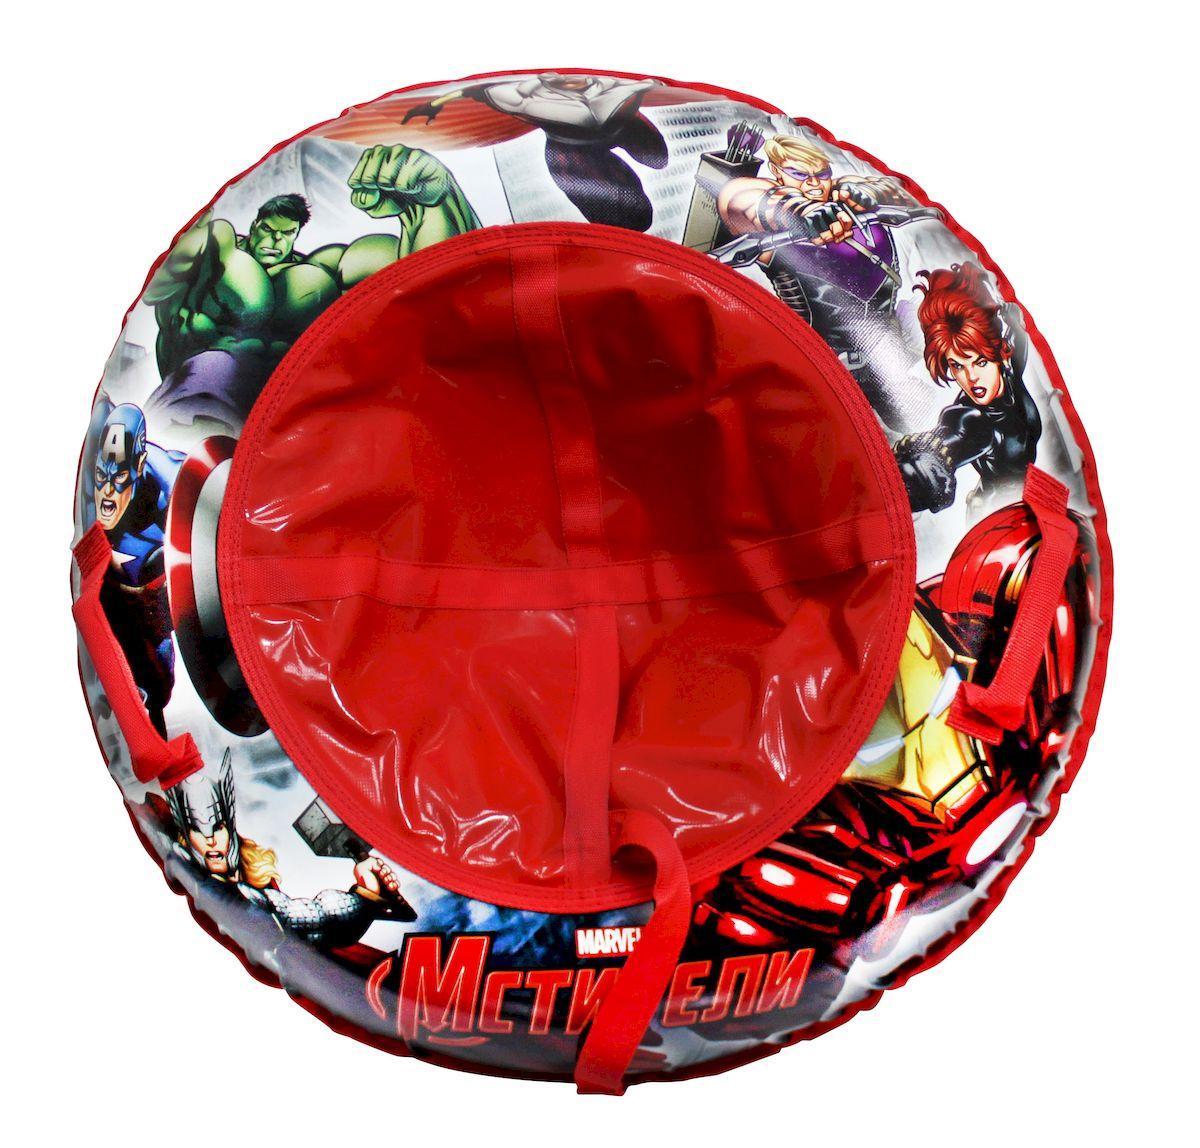 Тюбинг Marvel Мстители, с буксировочным тросом, 100 см296Тюбинг (надувные сани) с внутренней камерой из ПВХ и наружным чехлом из нейлона 420 ден и ламинированного ПВХ, буксировочный фал